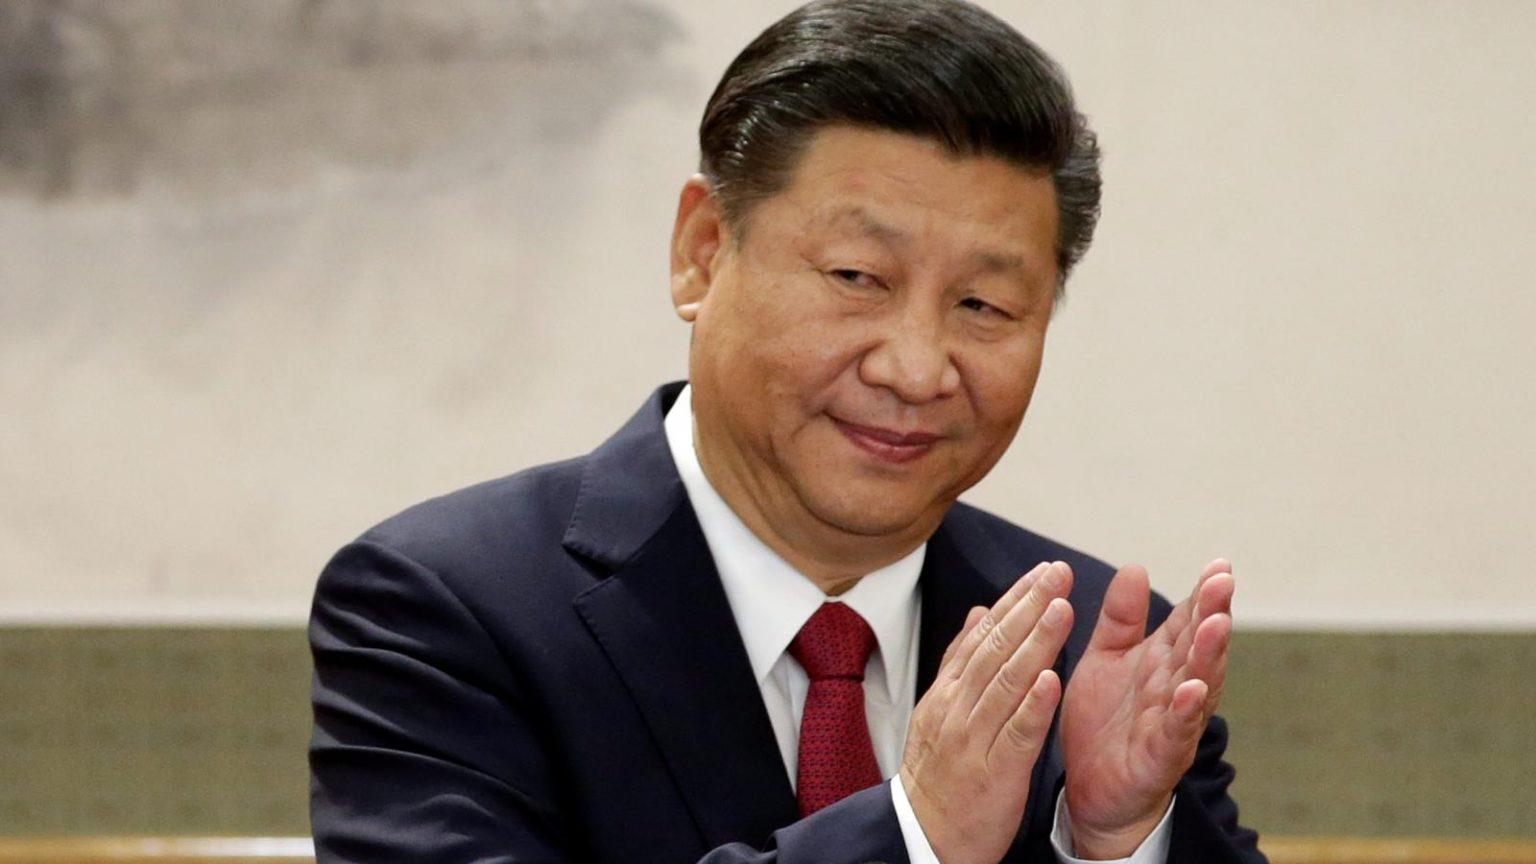 China begins construction of world's 1st commercial small modular reactor   చైనా ప్రపంచంలోని మొట్టమొదటి వాణిజ్య చిన్న మాడ్యులర్ రియాక్టర్ నిర్మాణాన్ని ప్రారంభించింది  _40.1